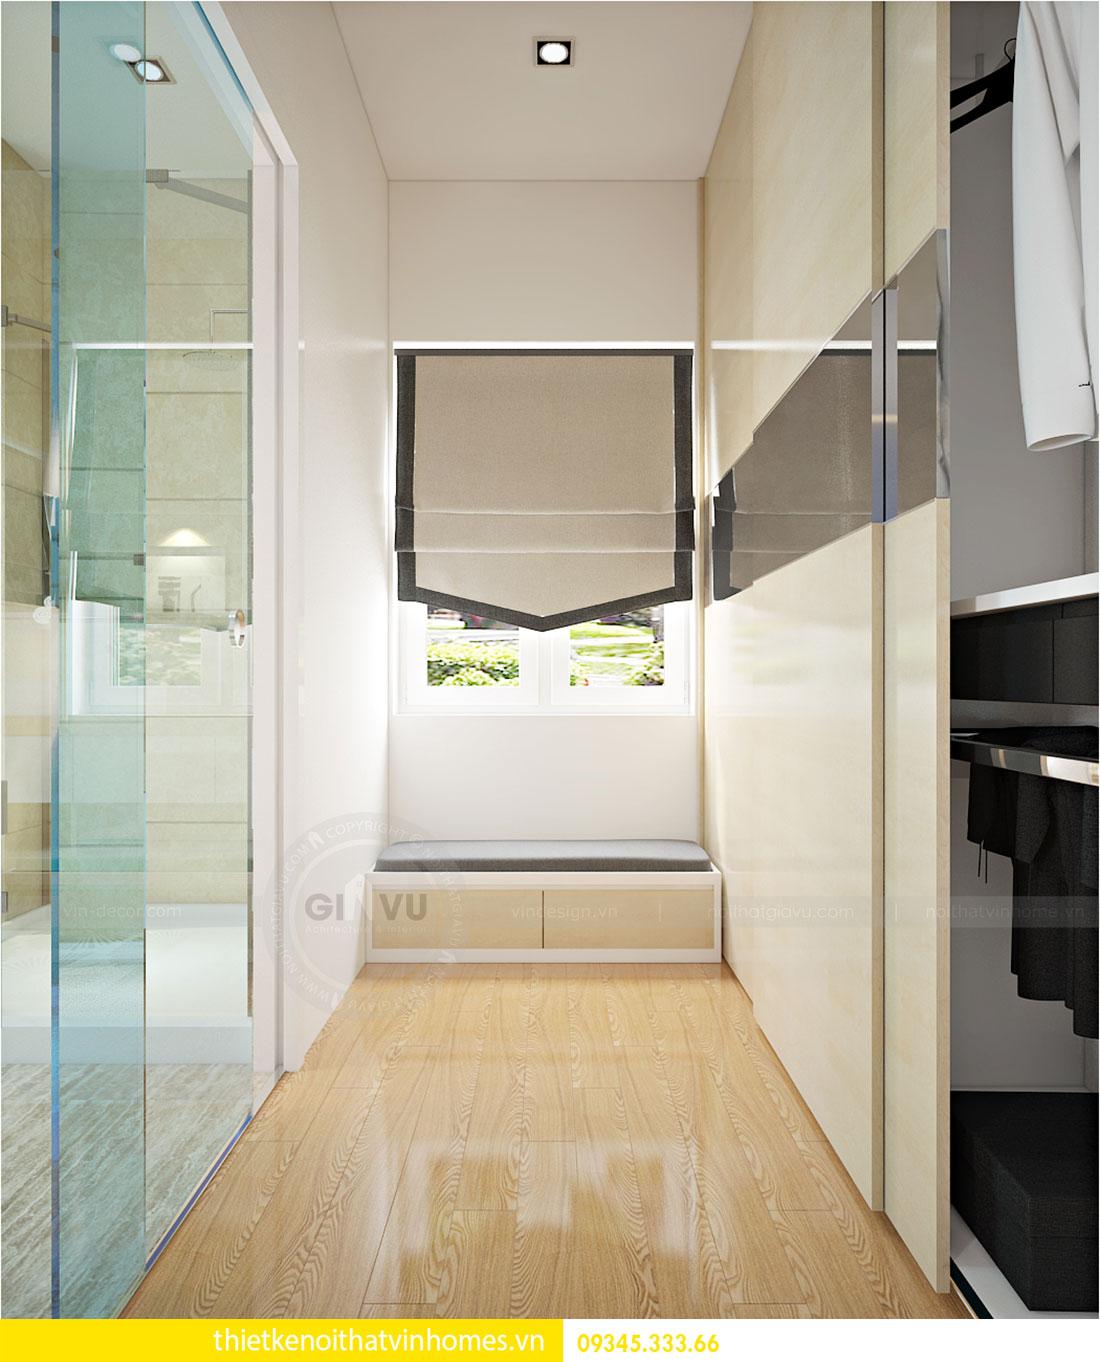 Thiết kế nội thất biệt thự Green Bay sang trọng hiện đại 10